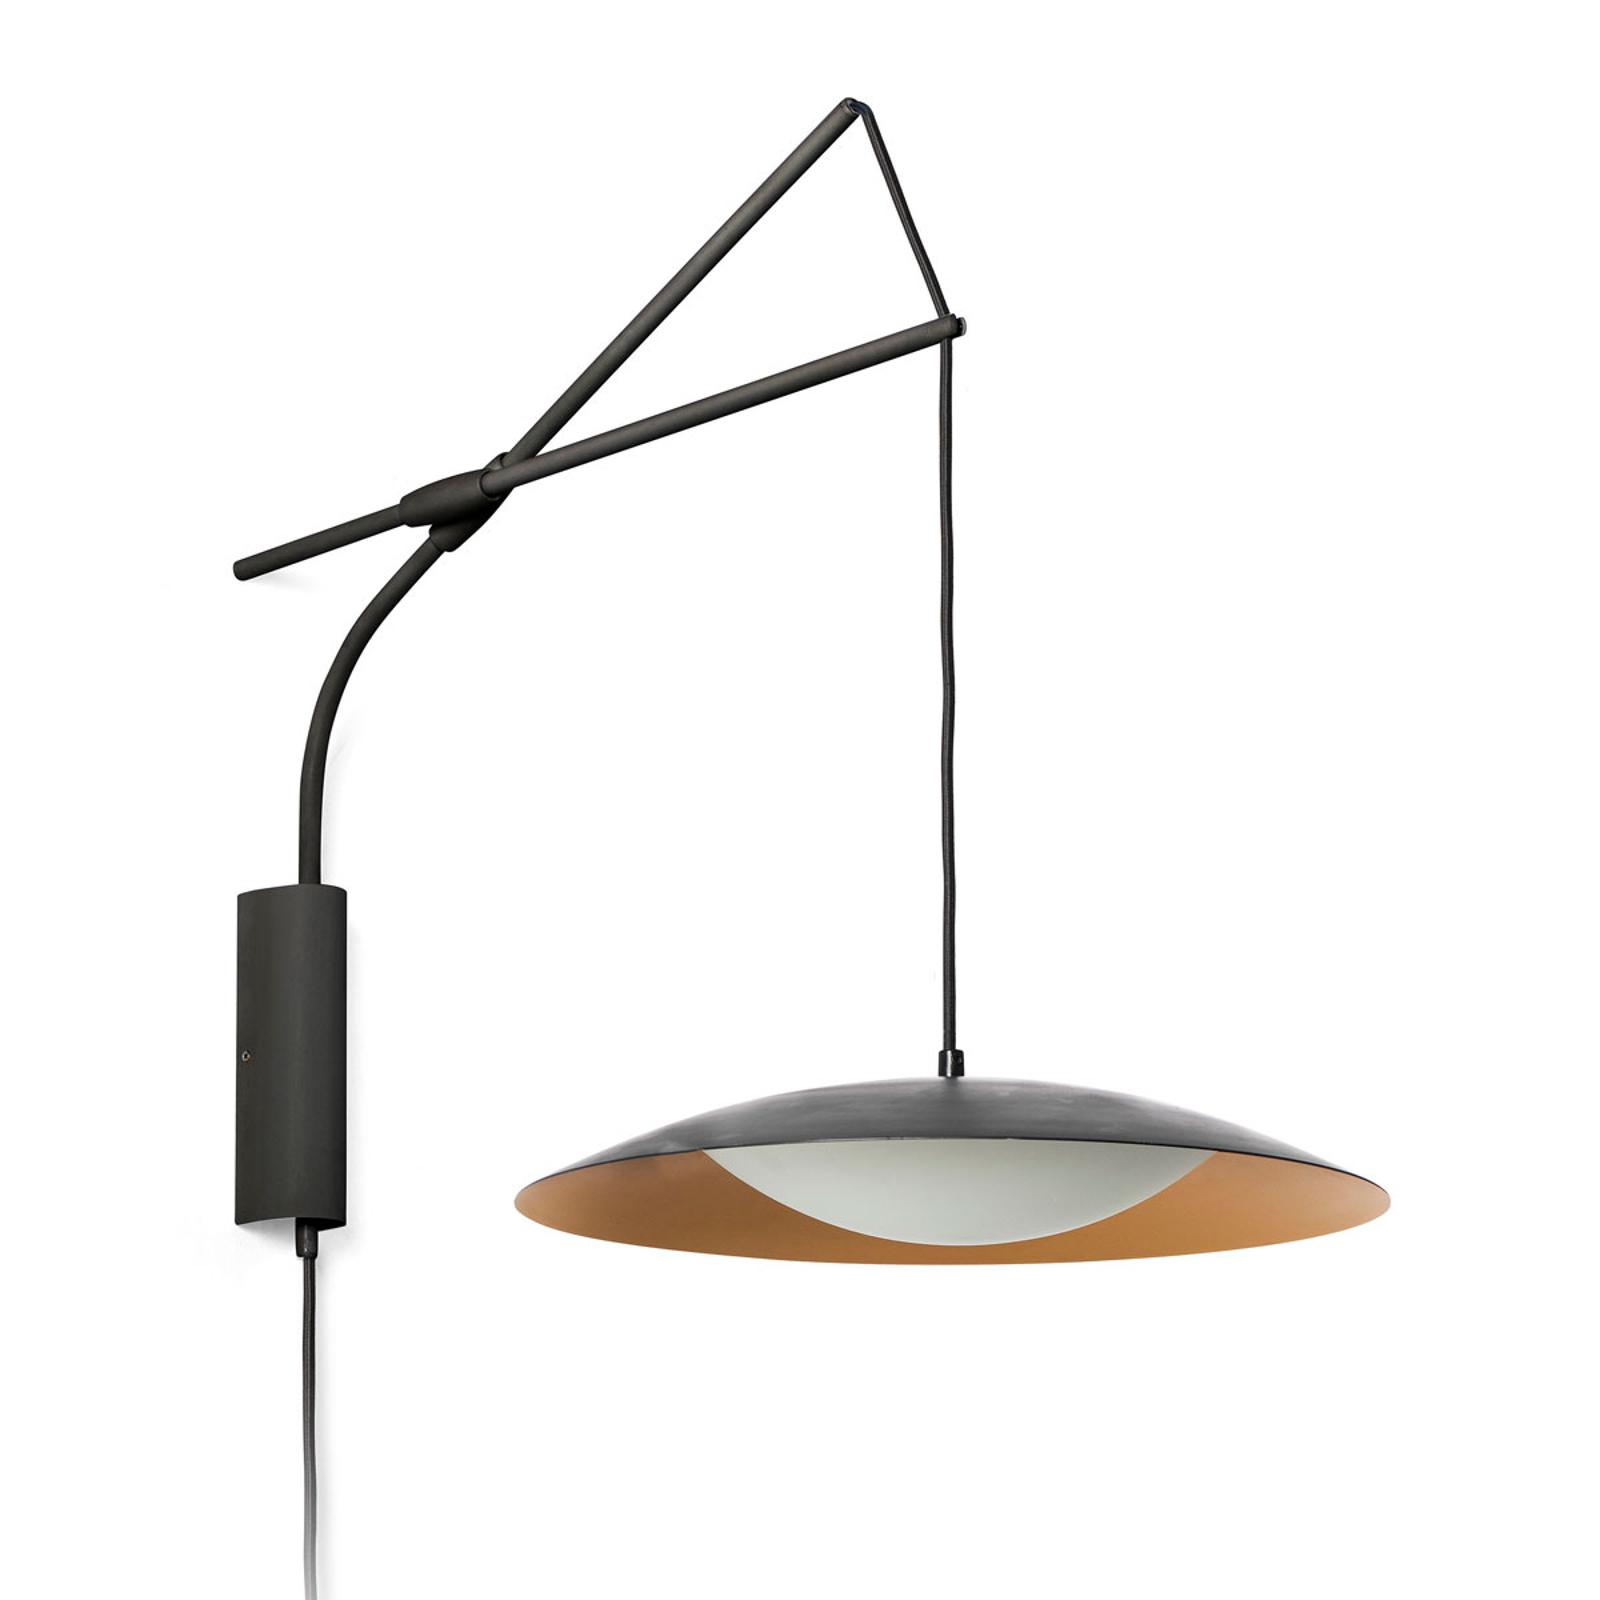 LED-Wandleuchte Slim mit Stecker, schwarz-gold